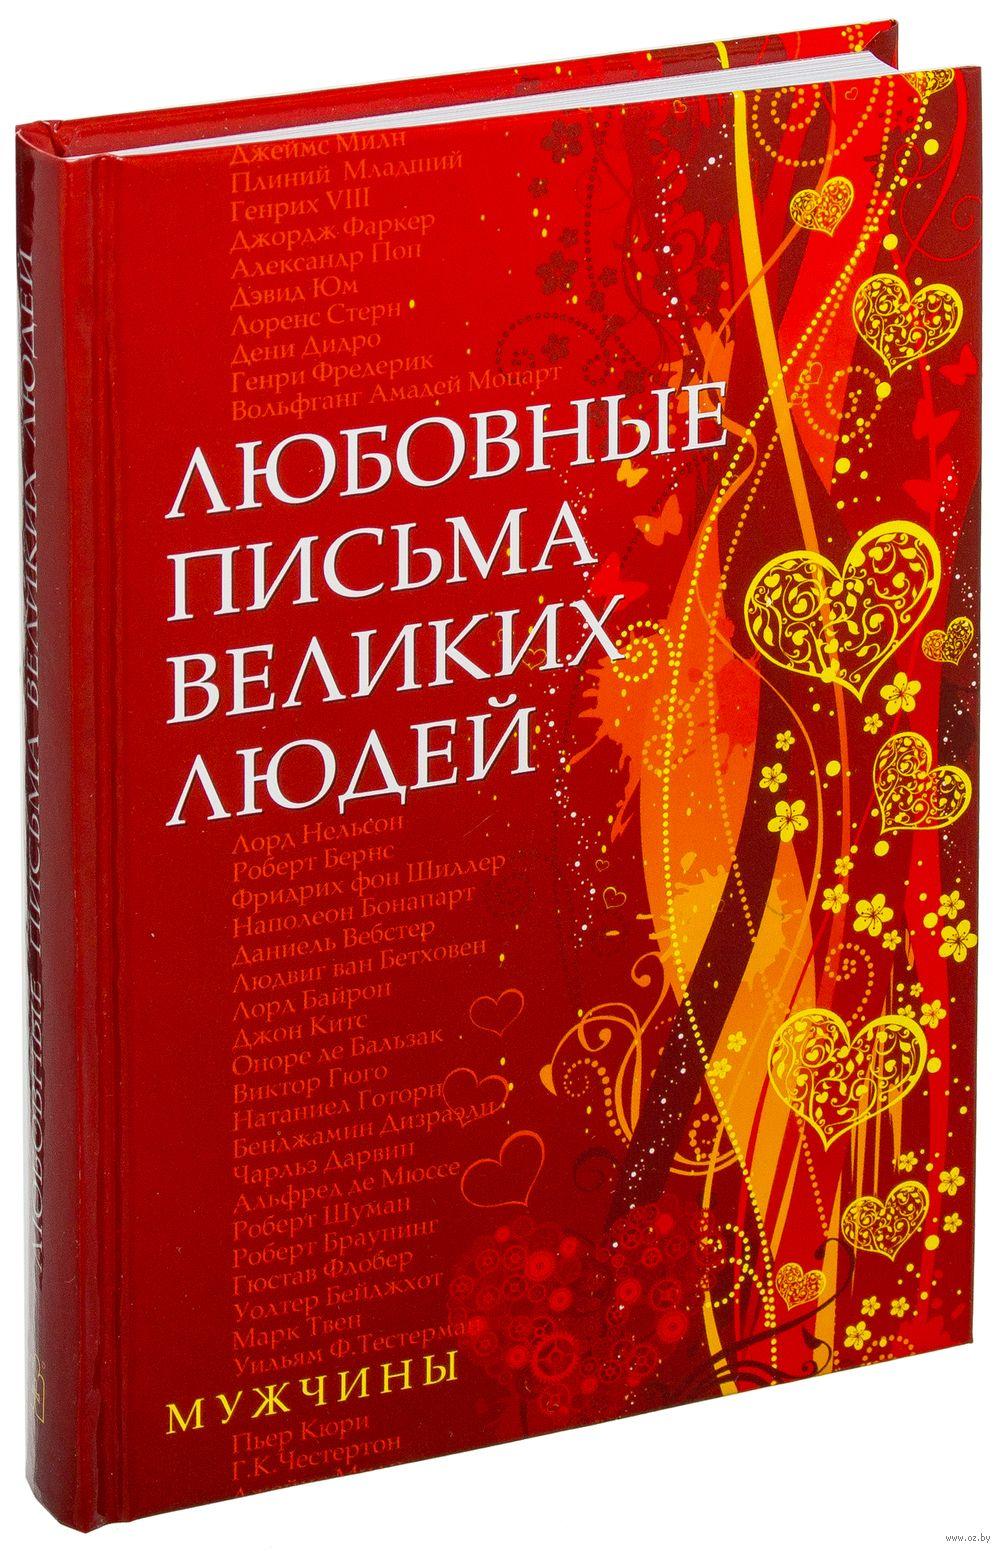 Книга любовные письма великих людей скачать бесплатно